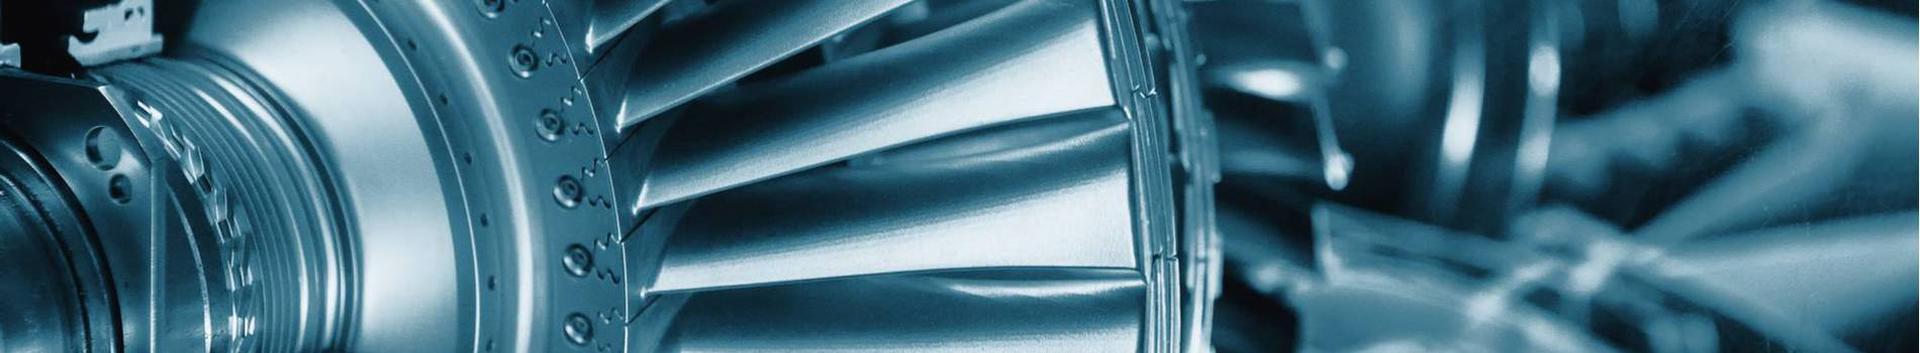 77399_muude-materiaalsete-varade-rentimine_53447258_xl.jpg